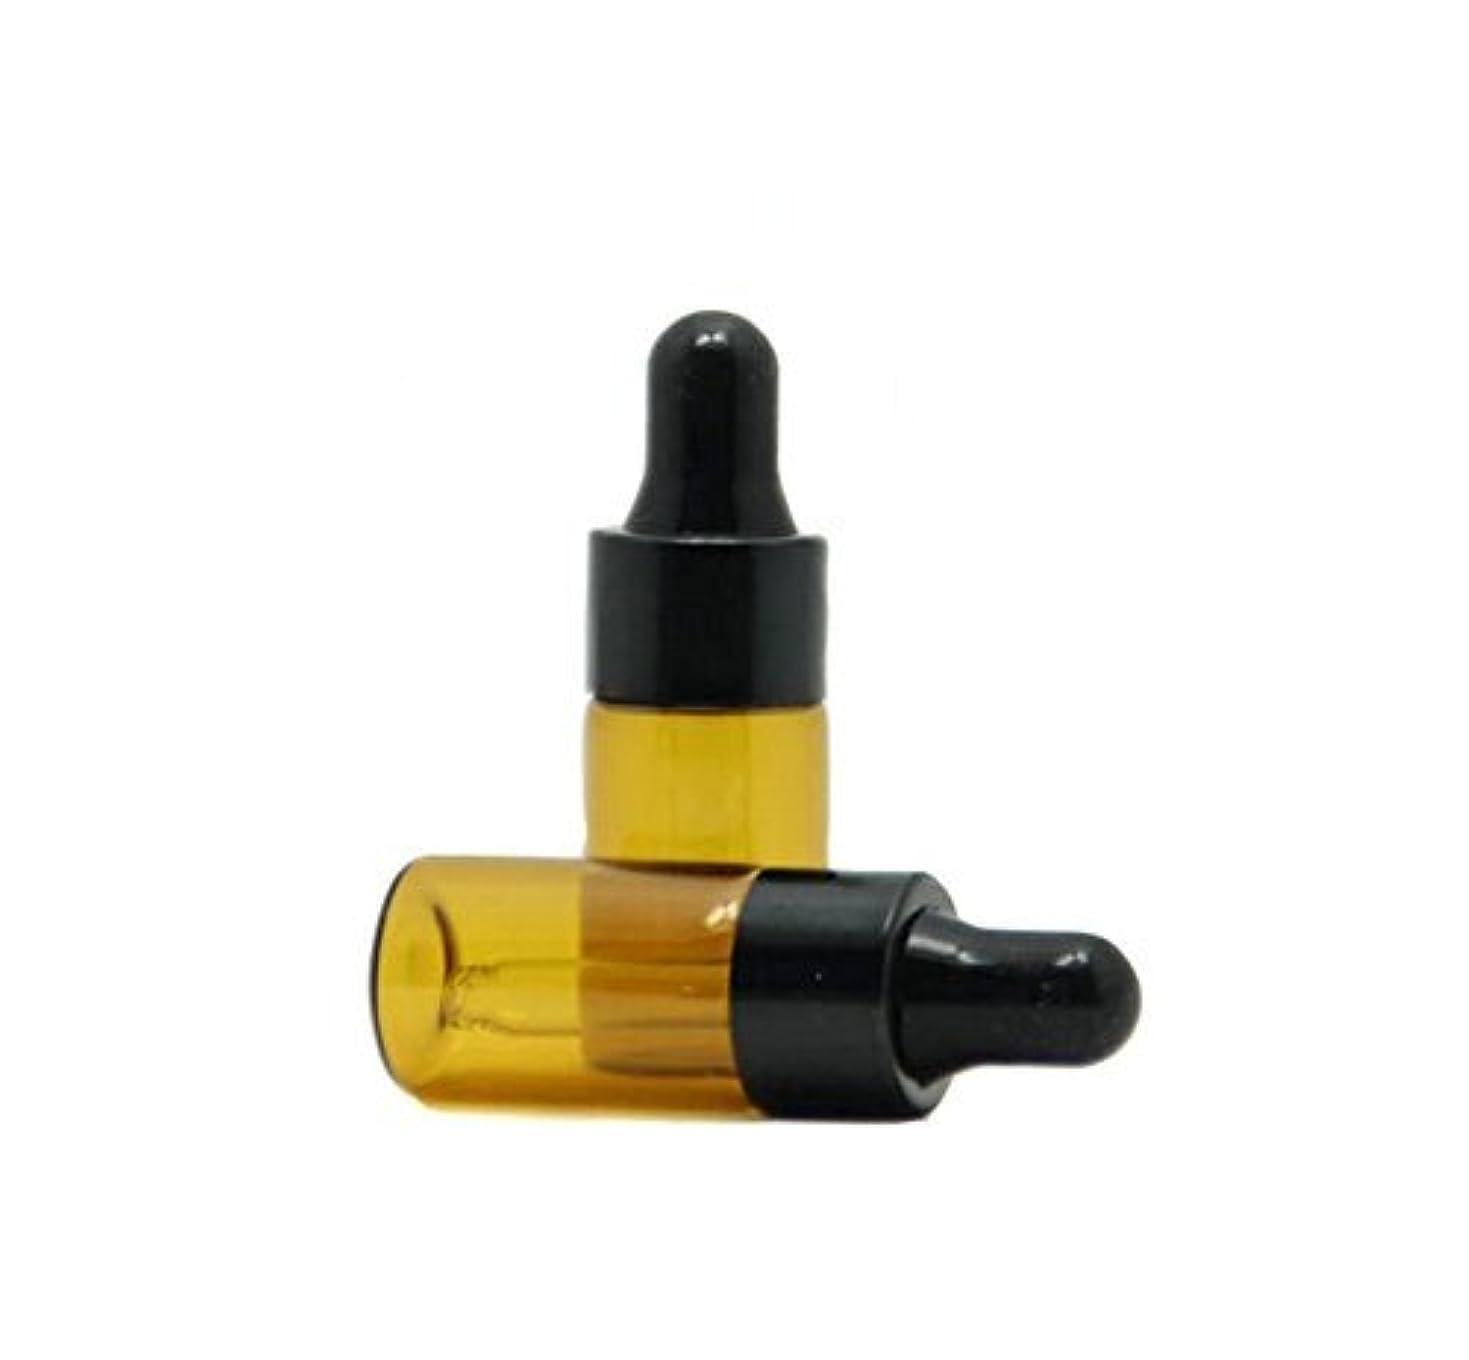 ひばり傾向専門化する3ml 15 Pcs Refillable Mini Amber Glass Essential Oil Bottles Dropper Bottles Vials With Eyed Dropper For Aromatherapy...